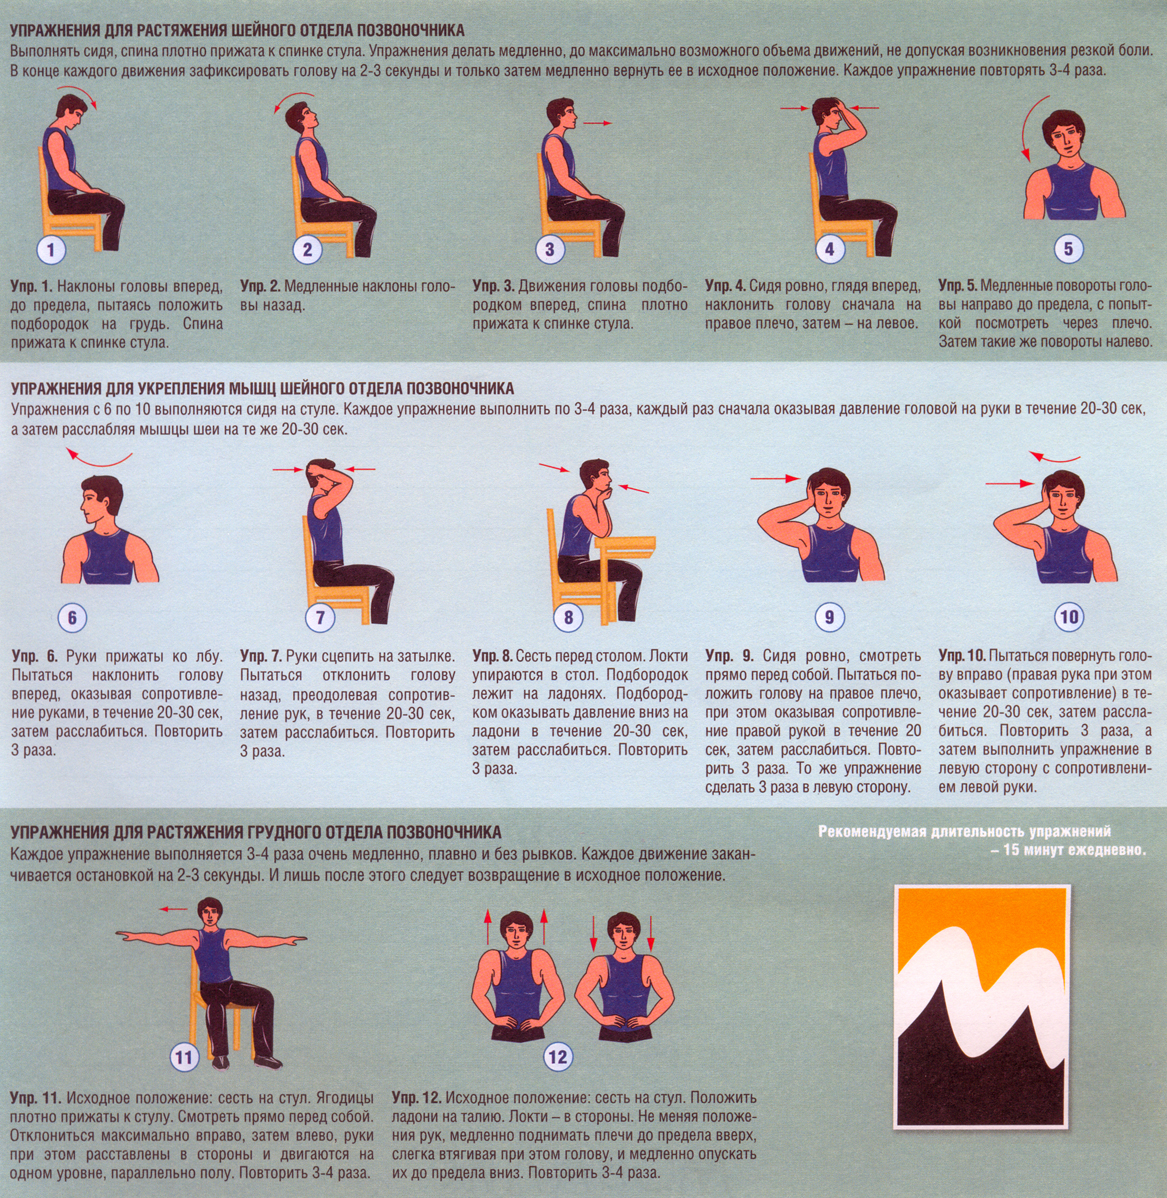 Упражнения в домашних условиях при шейном остеохондрозе 31